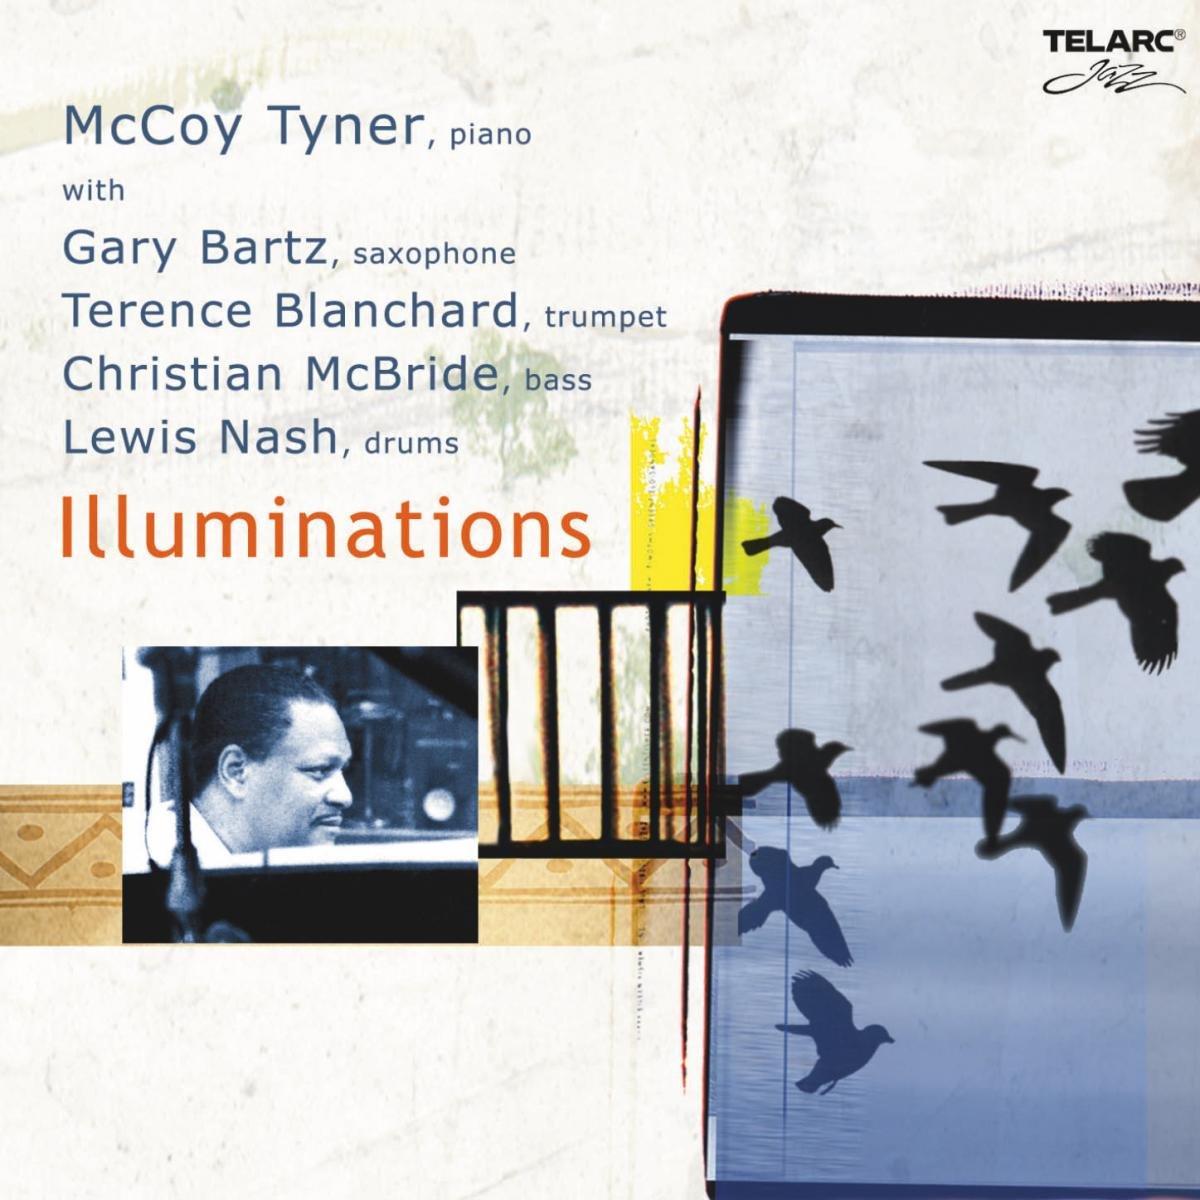 SACD : McCoy Tyner - Illuminations (Hybrid SACD)